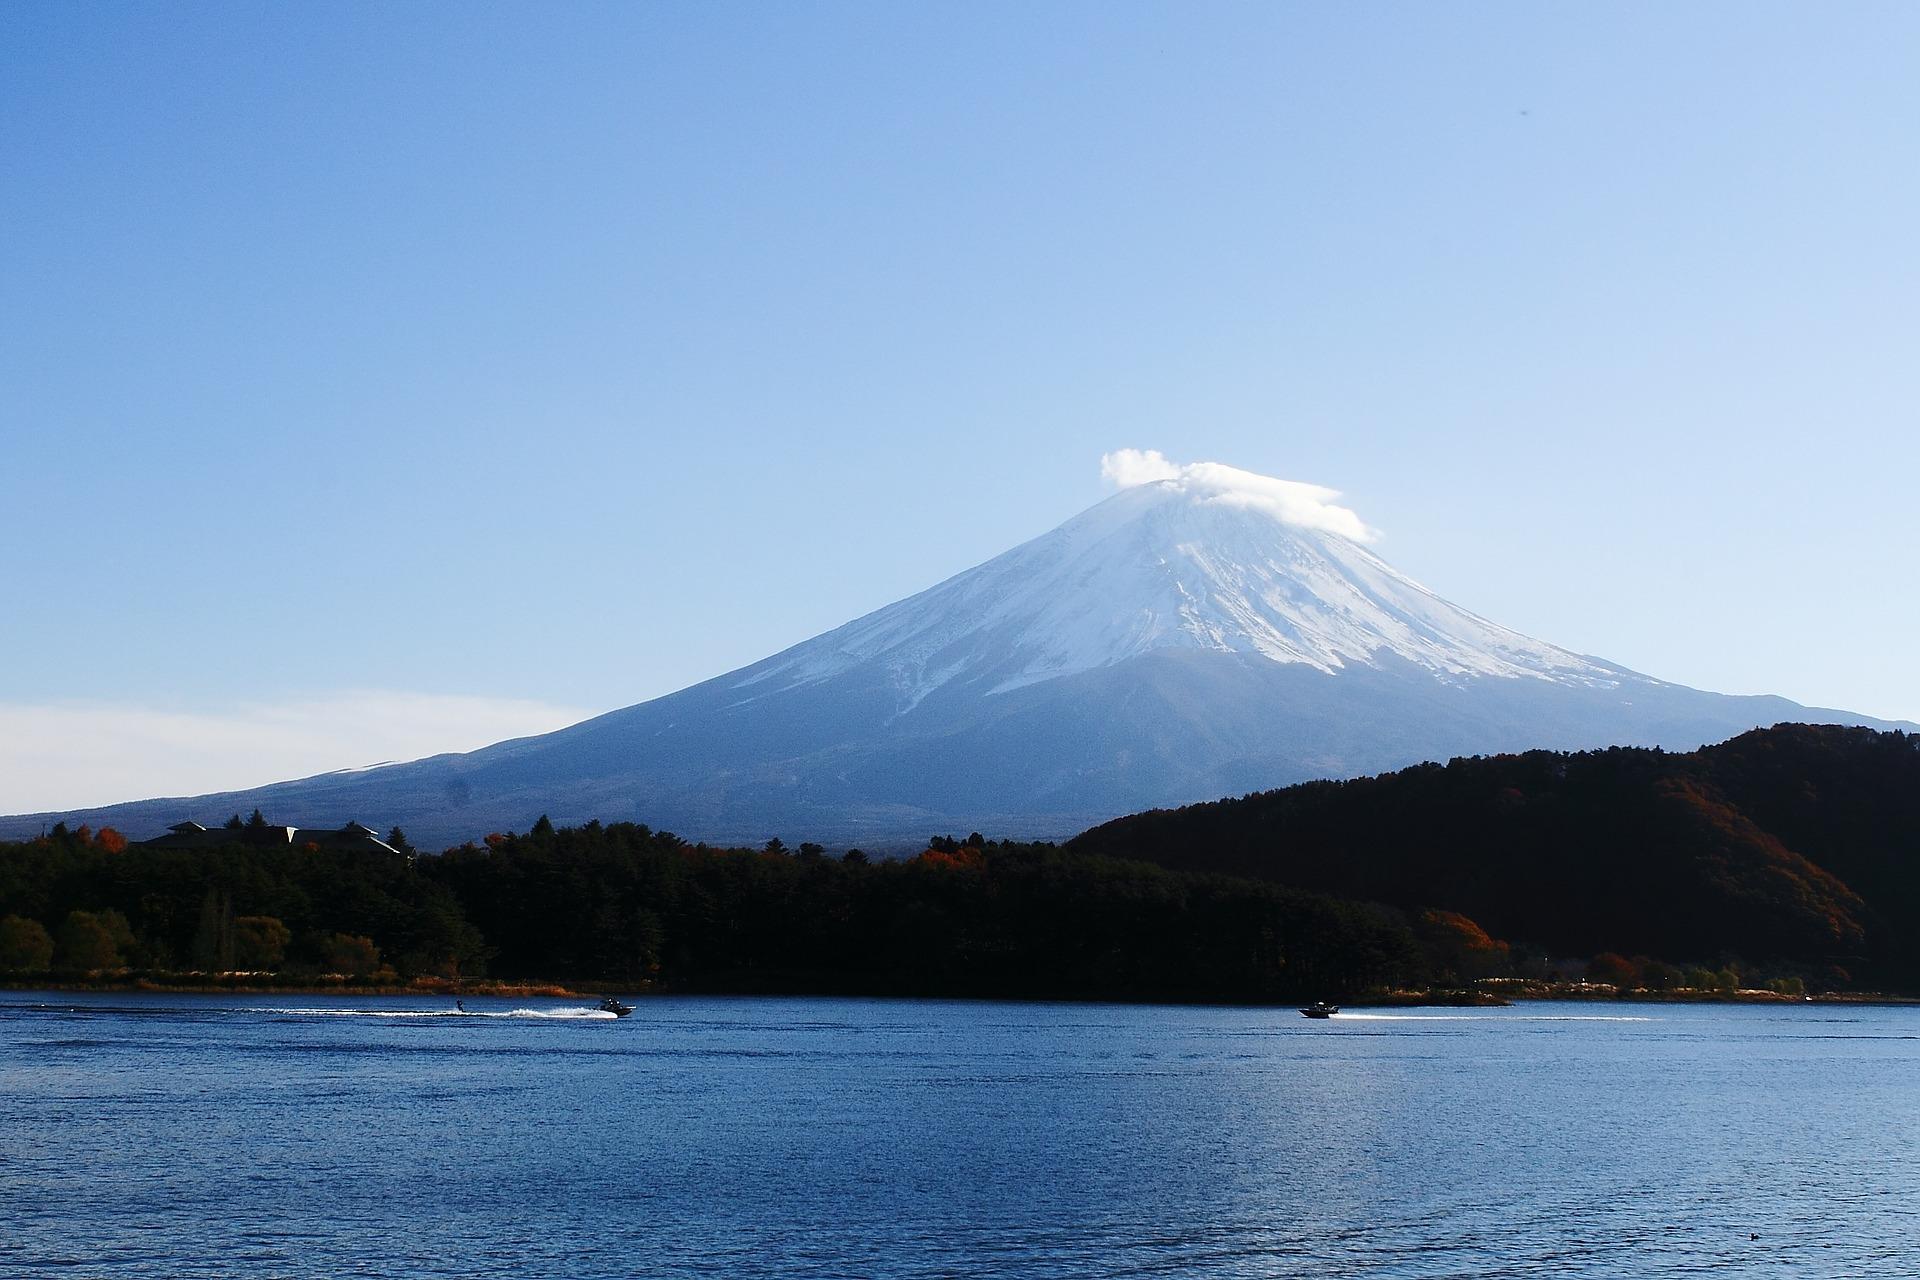 登山未経験の富士山登山、初心者がツアーなしで挑戦した体験談を紹介